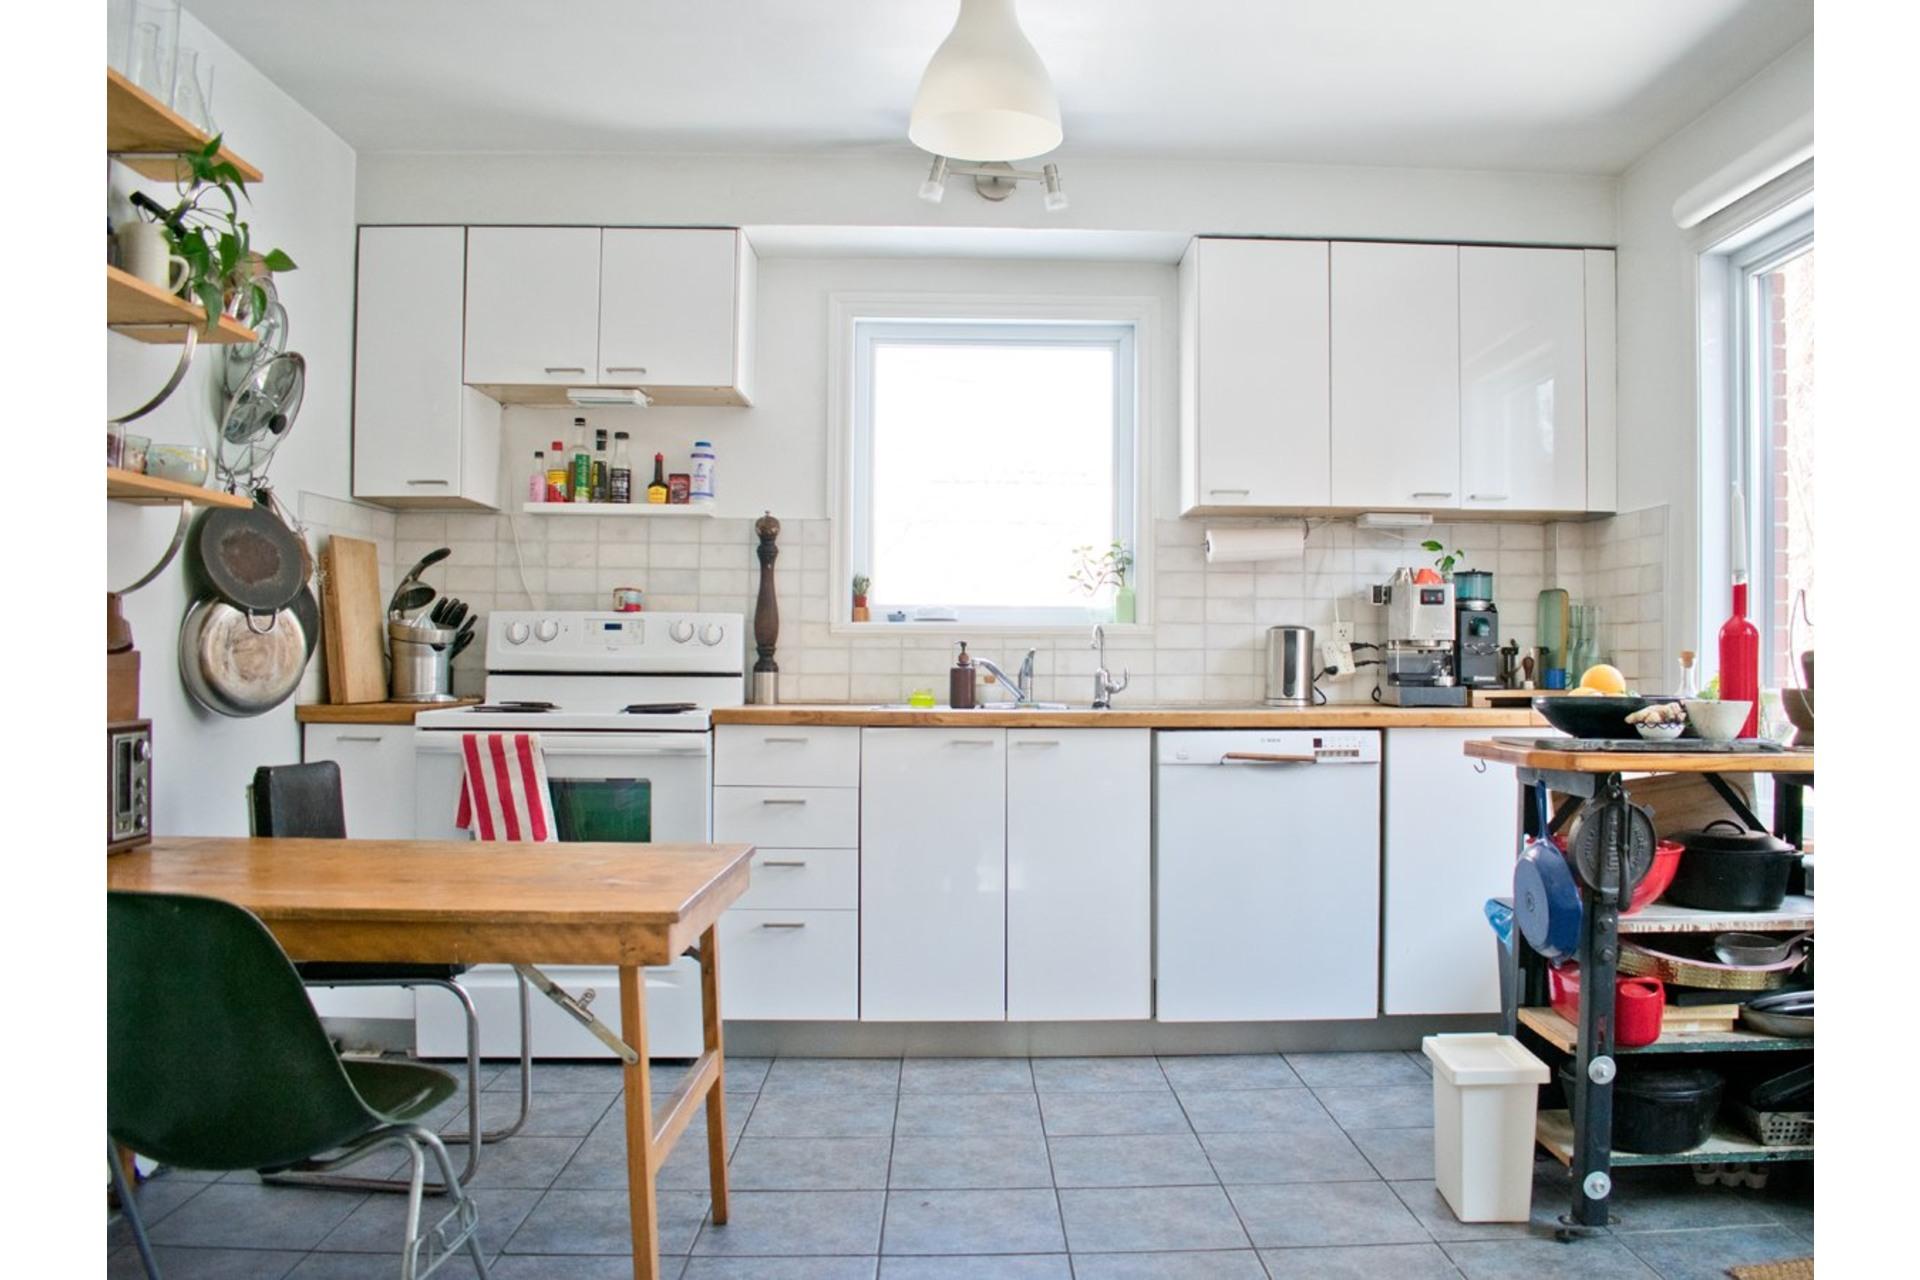 image 6 - Maison À vendre Villeray/Saint-Michel/Parc-Extension Montréal  - 9 pièces